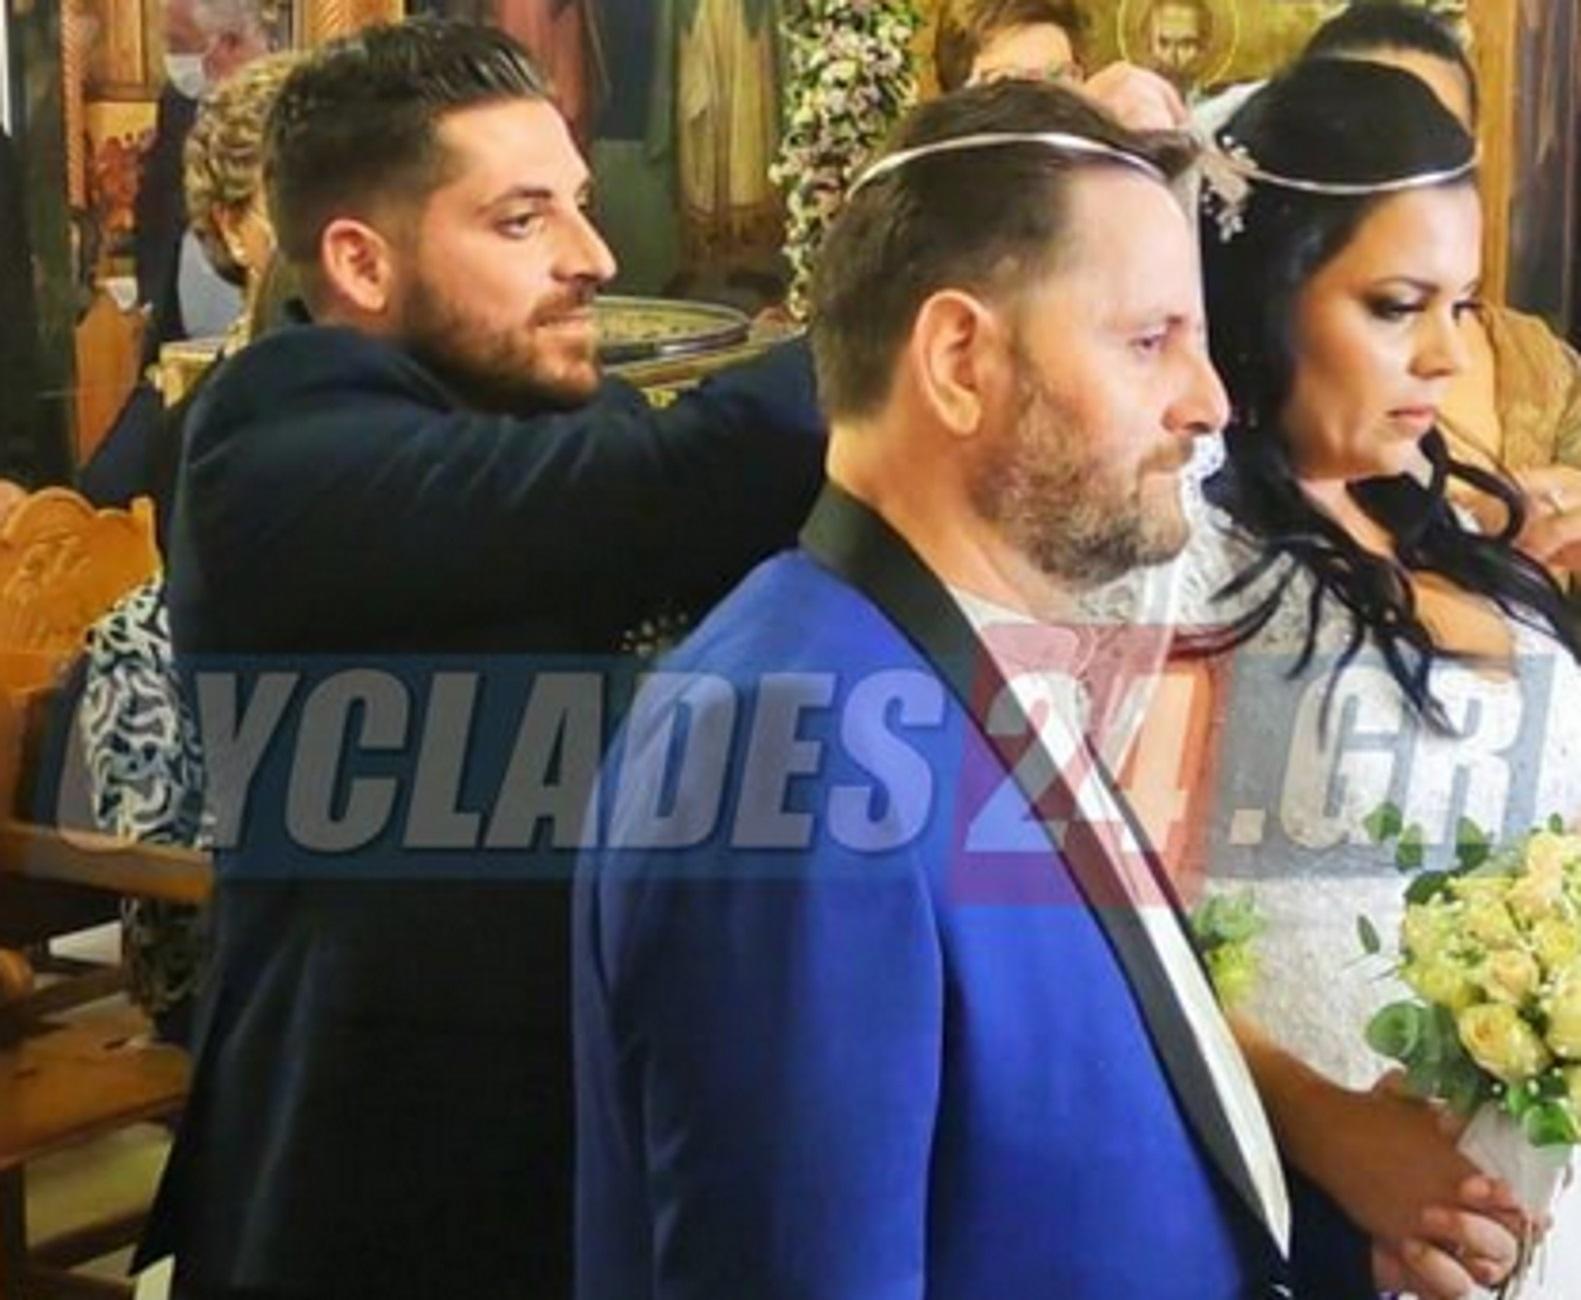 Λευτέρης Βαζαίος: Νησιώτικος γάμος για τον τραγουδιστή μετά από 7 χρόνια σχέσης – Έλαμπαν γαμπρός και νύφη